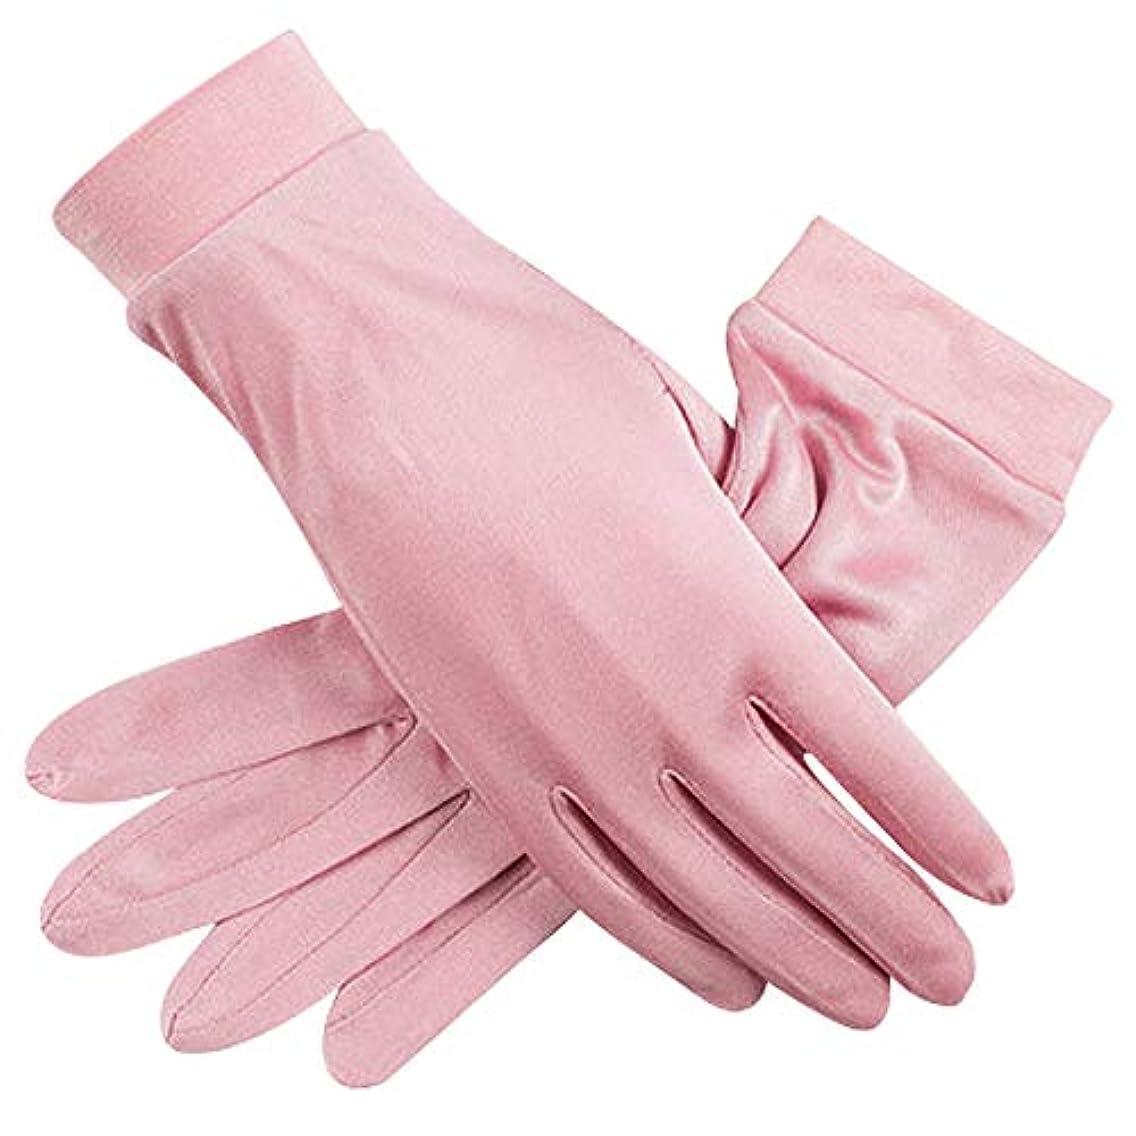 乏しい散歩に行くトロイの木馬(panda store) シルク 手袋 レディース UVカット ハンドケア おやすみ 手荒れ 手湿疹 乾燥肌 保湿 おやすみ手袋 紫外線 ピンク